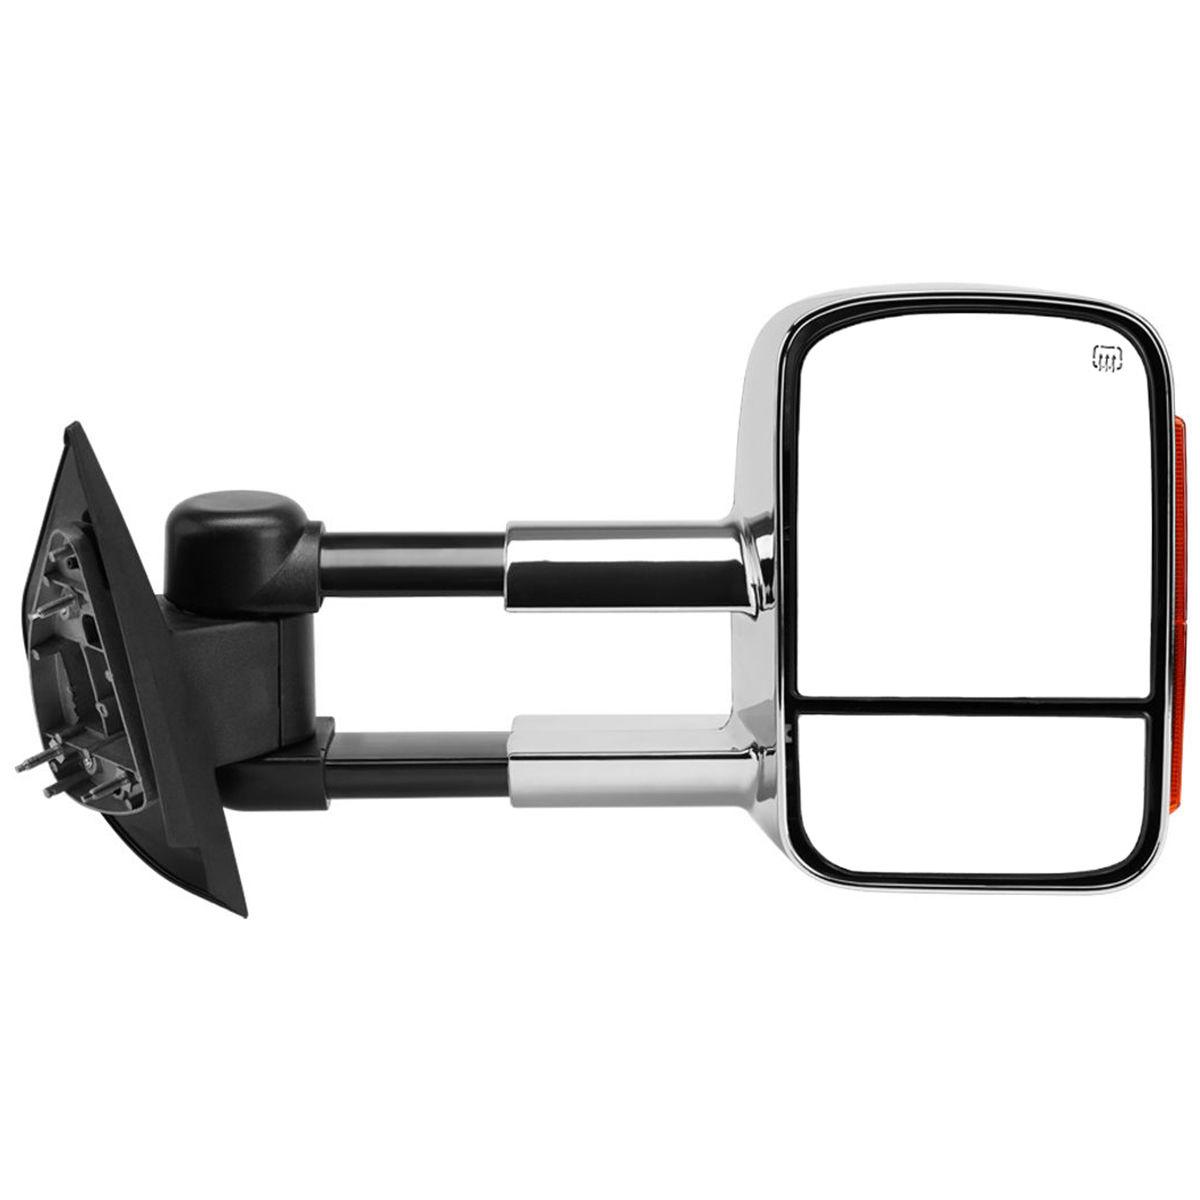 ミラー New Right Side Power Heated Turn Signal Towing Mirror Chrome for Silverado 07-12 新しい右サイドパワー加熱ターンシグナルトーイングミラーシルバーアドの07-12